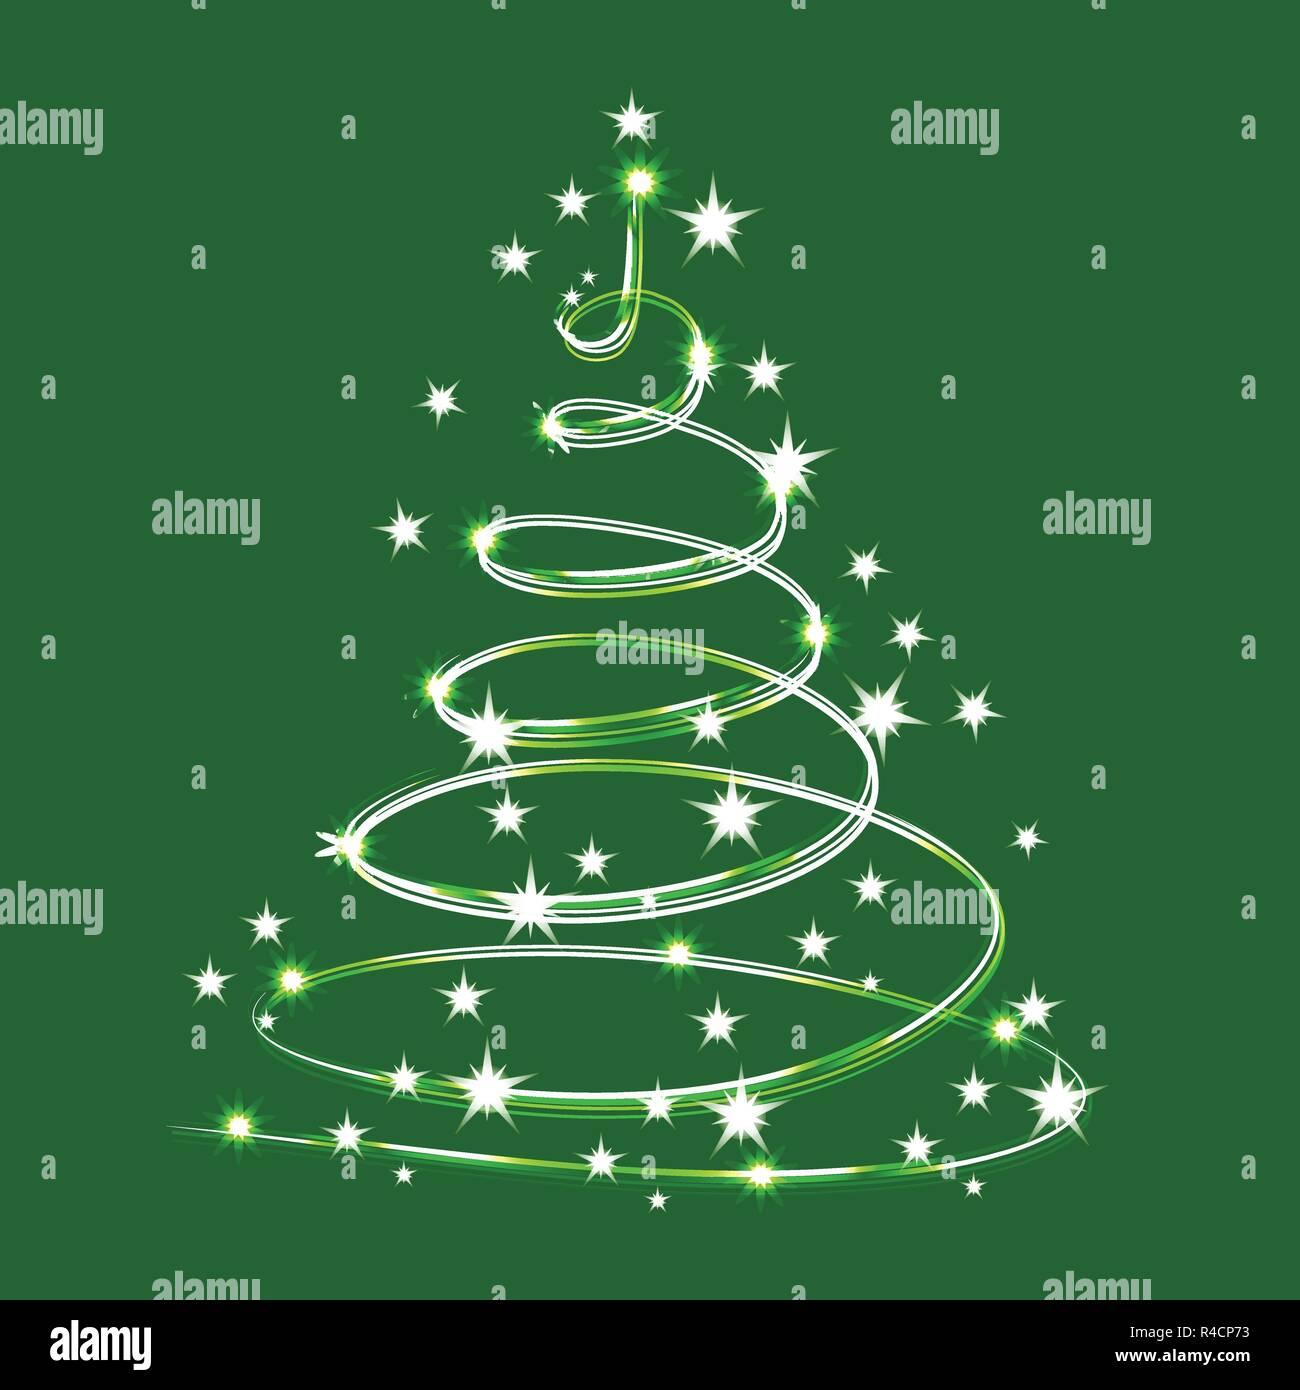 árbol De Navidad Destellos De Brillantes Estrellas Vector